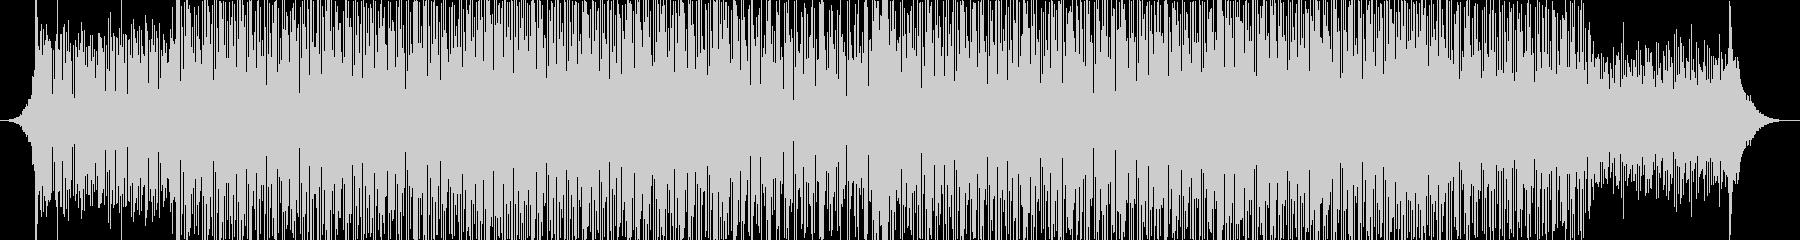 力強いリズムのテクノミュージック-01の未再生の波形